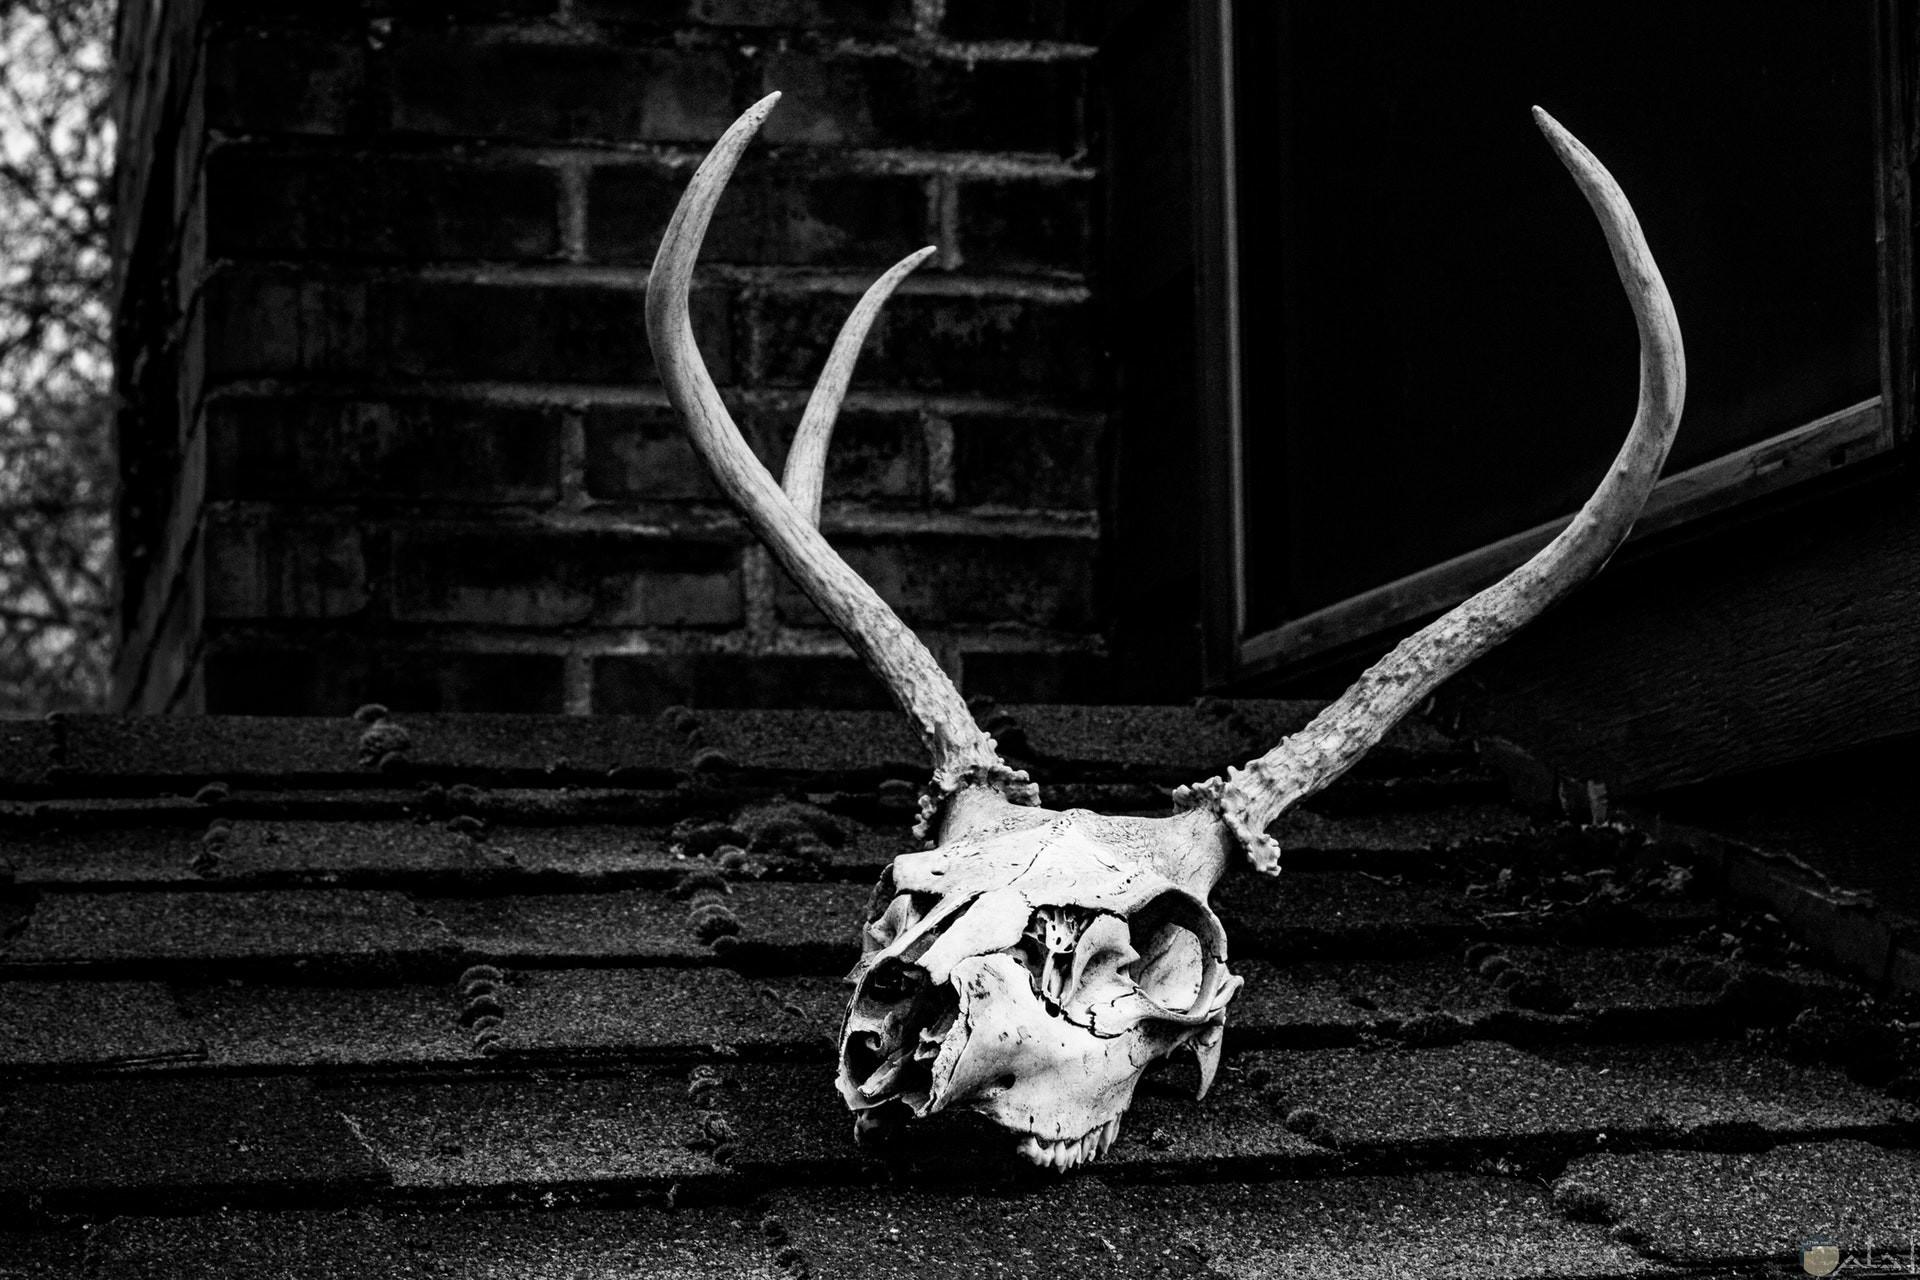 صورة مرعبة ومخيفة لعظام جمجة غزالة ميتة